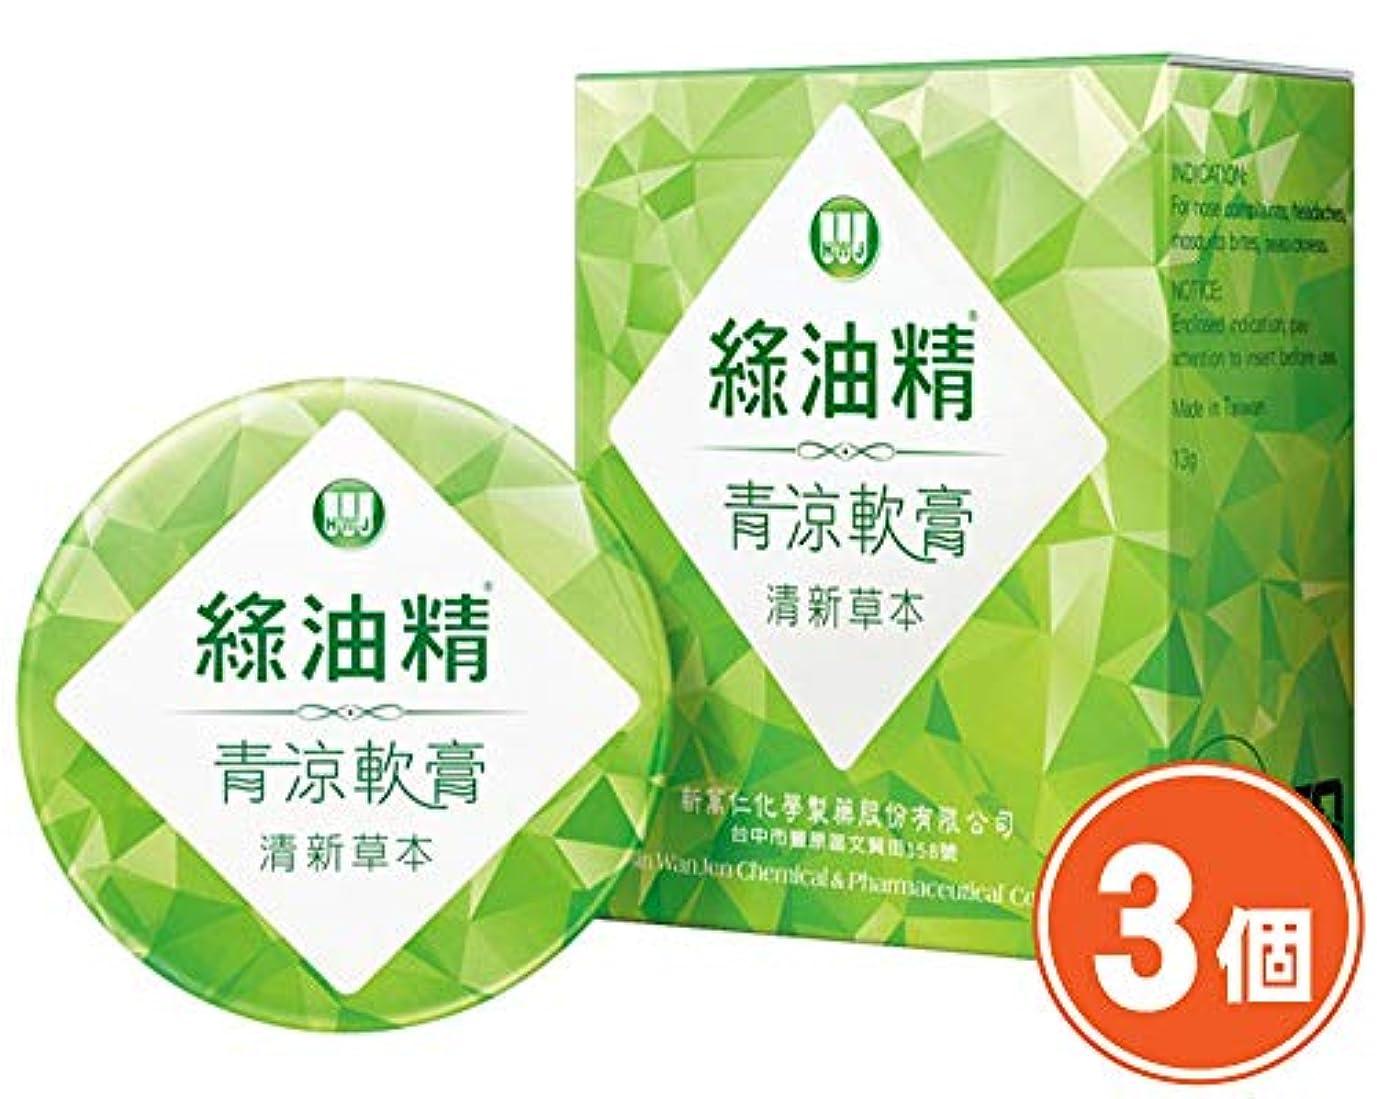 《新萬仁》緑油精 青涼軟膏(清新草本) 13g 万能グリーンオイル(軟膏タイプ) ×3個 《台湾 お土産》 [並行輸入品]